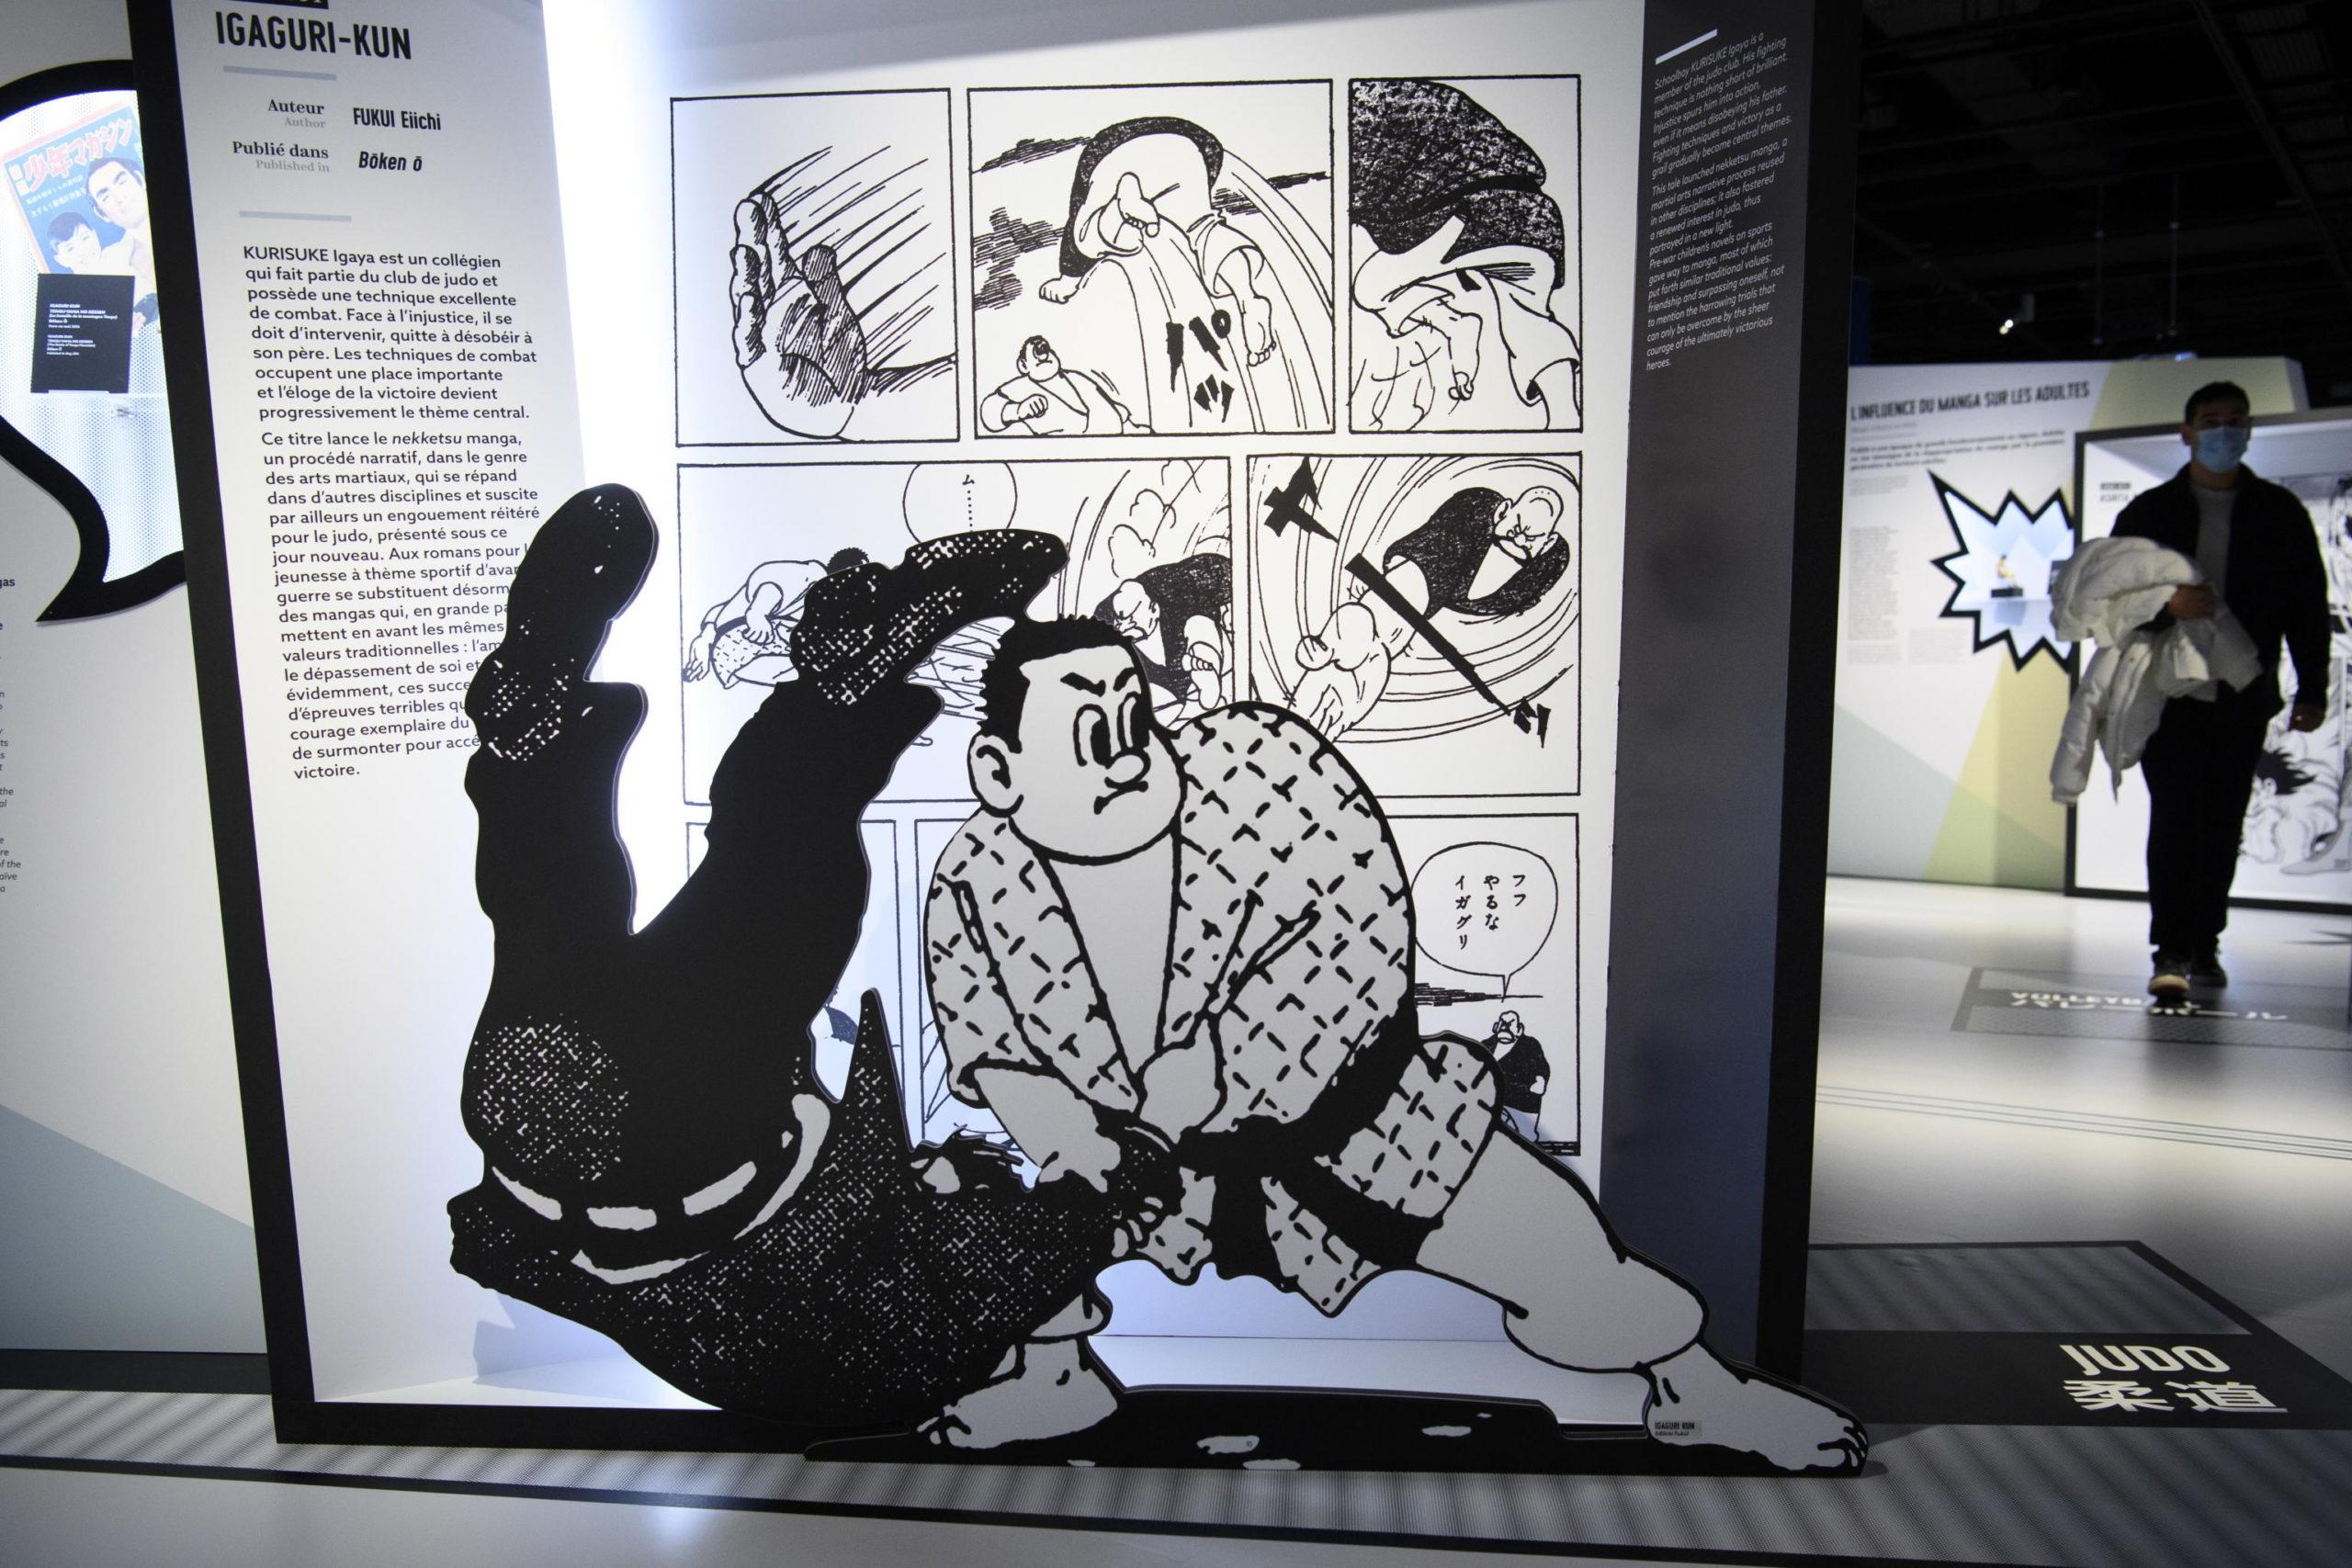 Un primo piano dello stand dedicato all'artista Fukui Eiichi